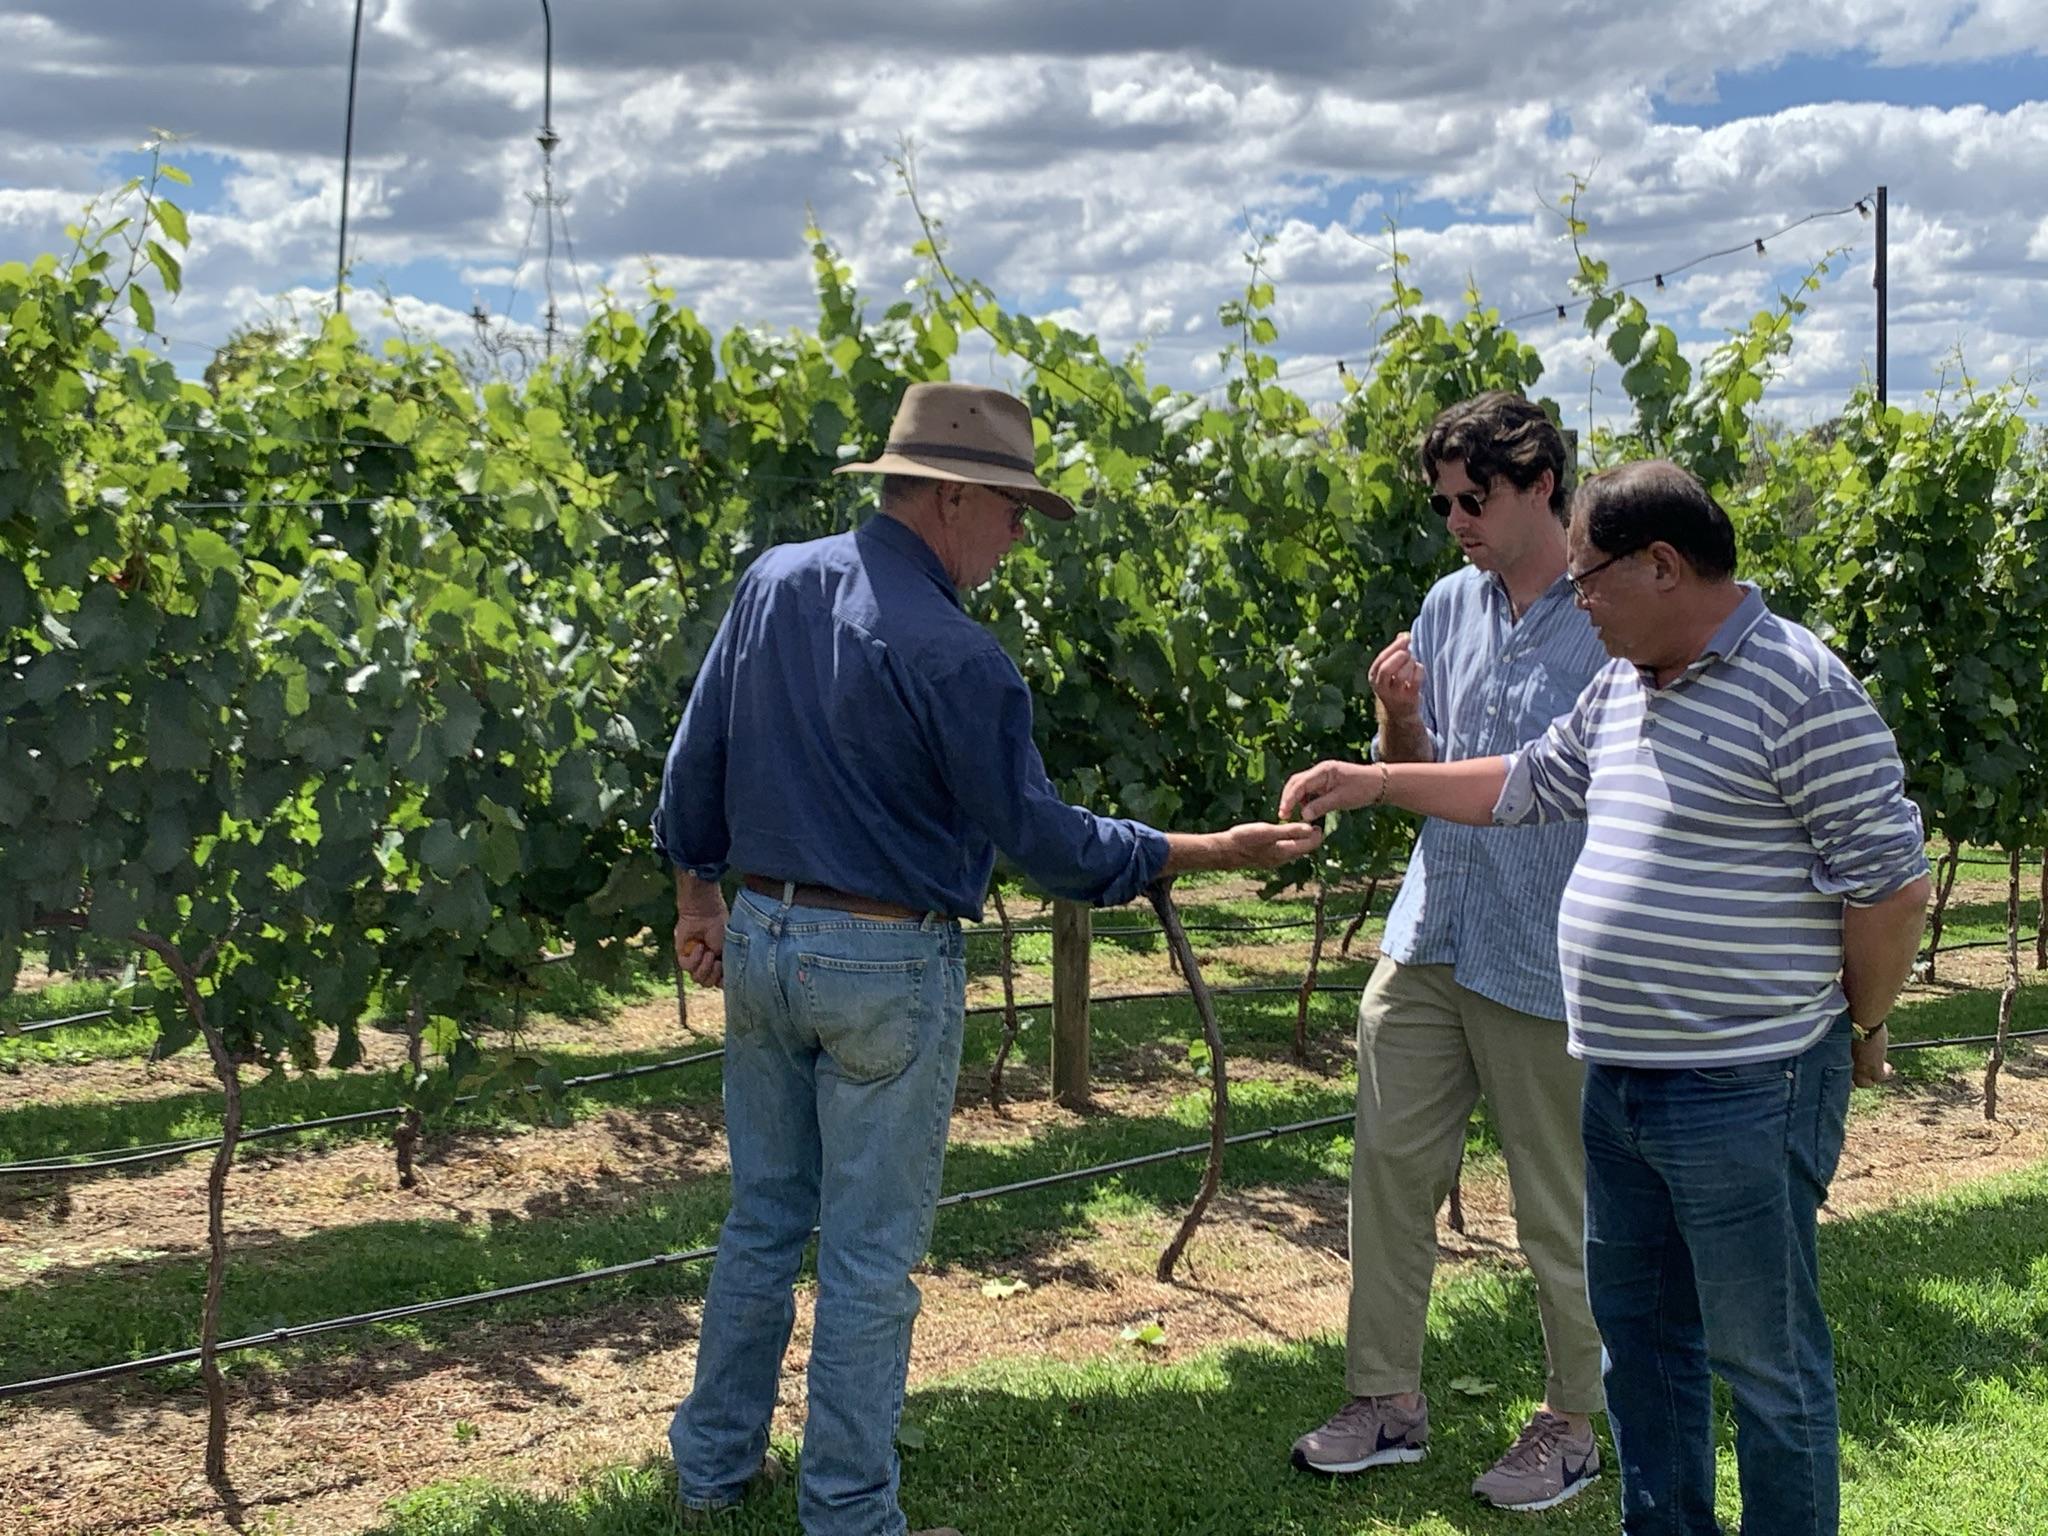 3 men sampling grapes at vineyard